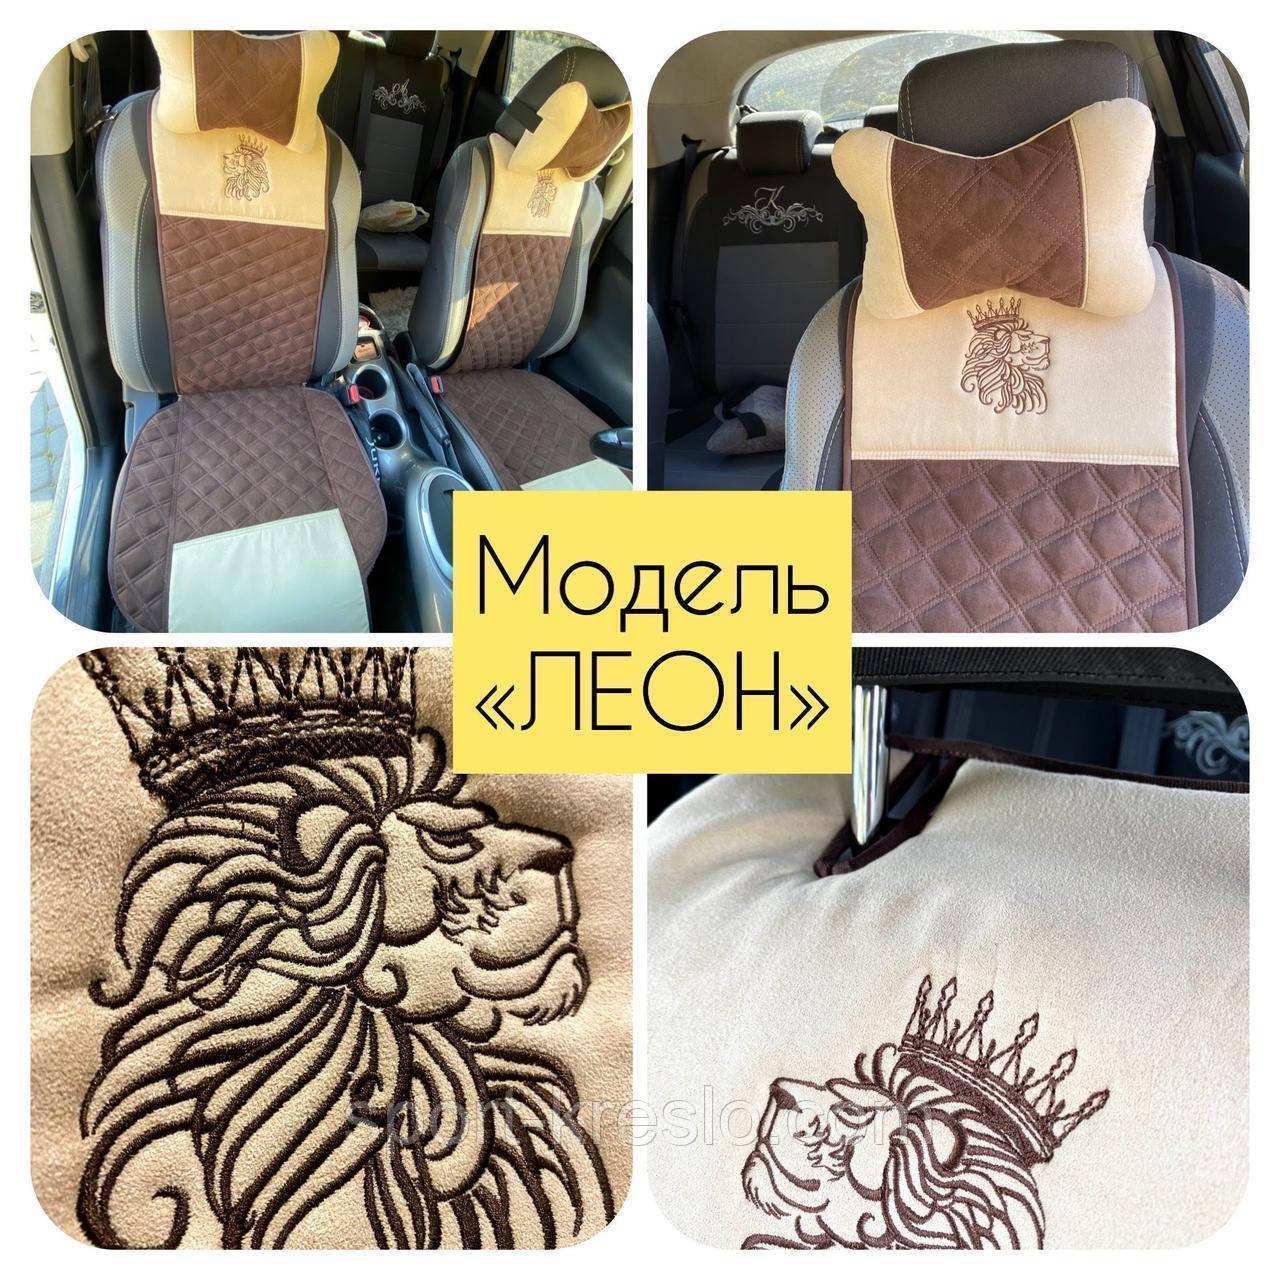 Накидки на передние сидения из алькантары универсальные с вышивкой